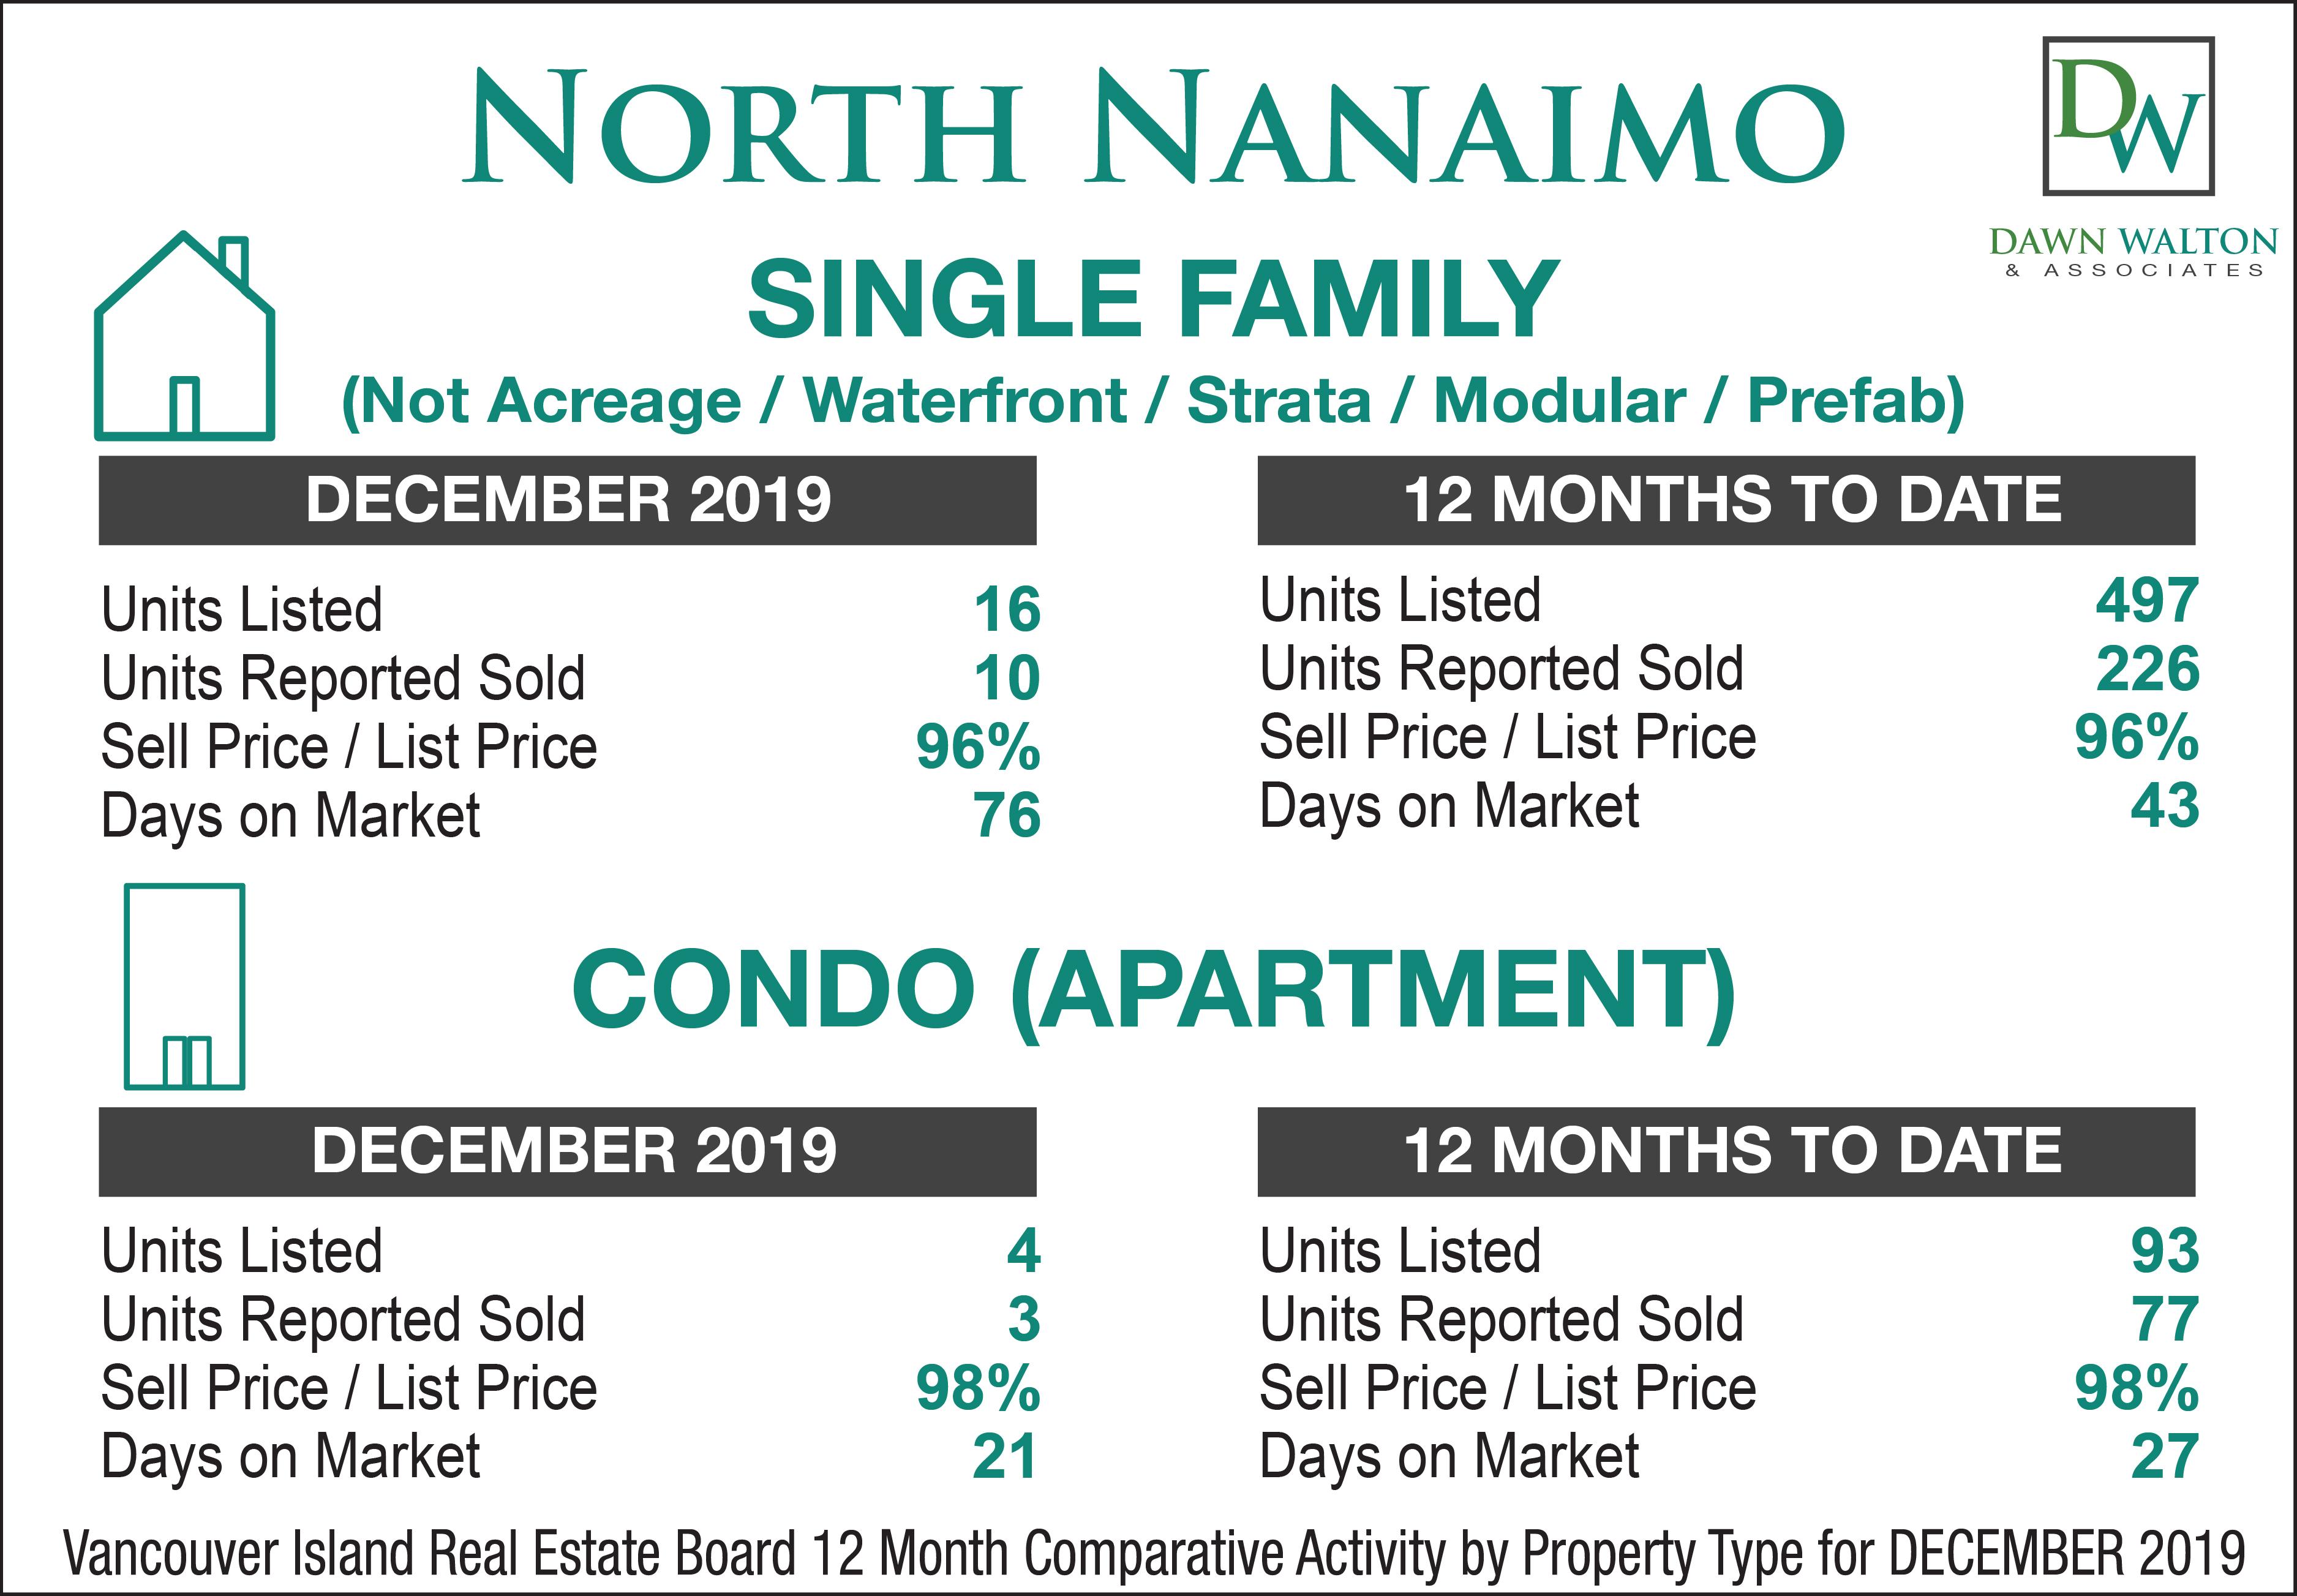 North Nanaimo Real Estate Market Stats December  2019 - Nanaimo Realtor Dawn Walton